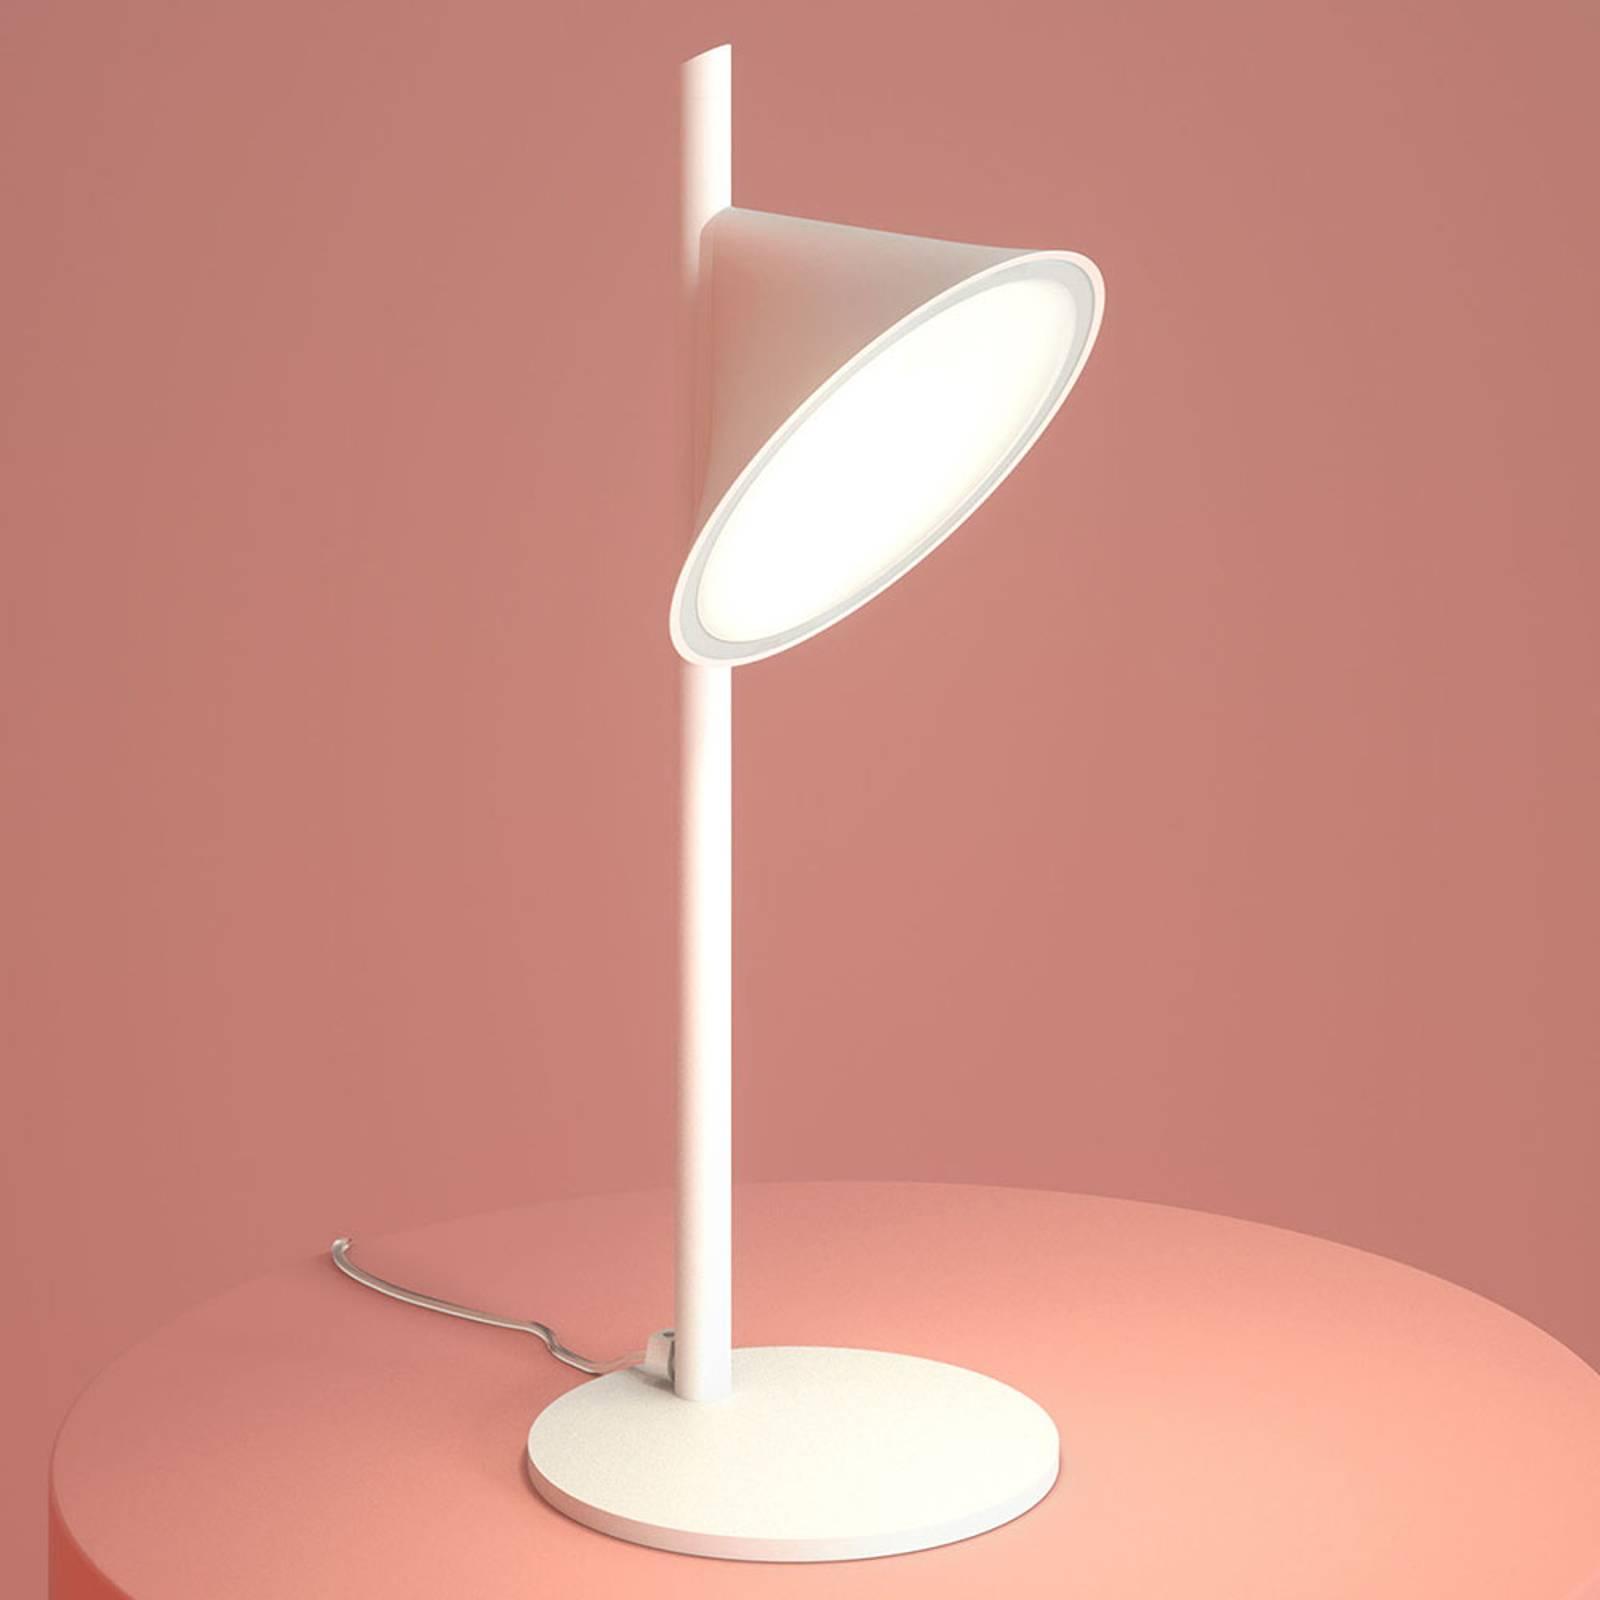 Axolight Orchid LED-Tischleuchte, weiß